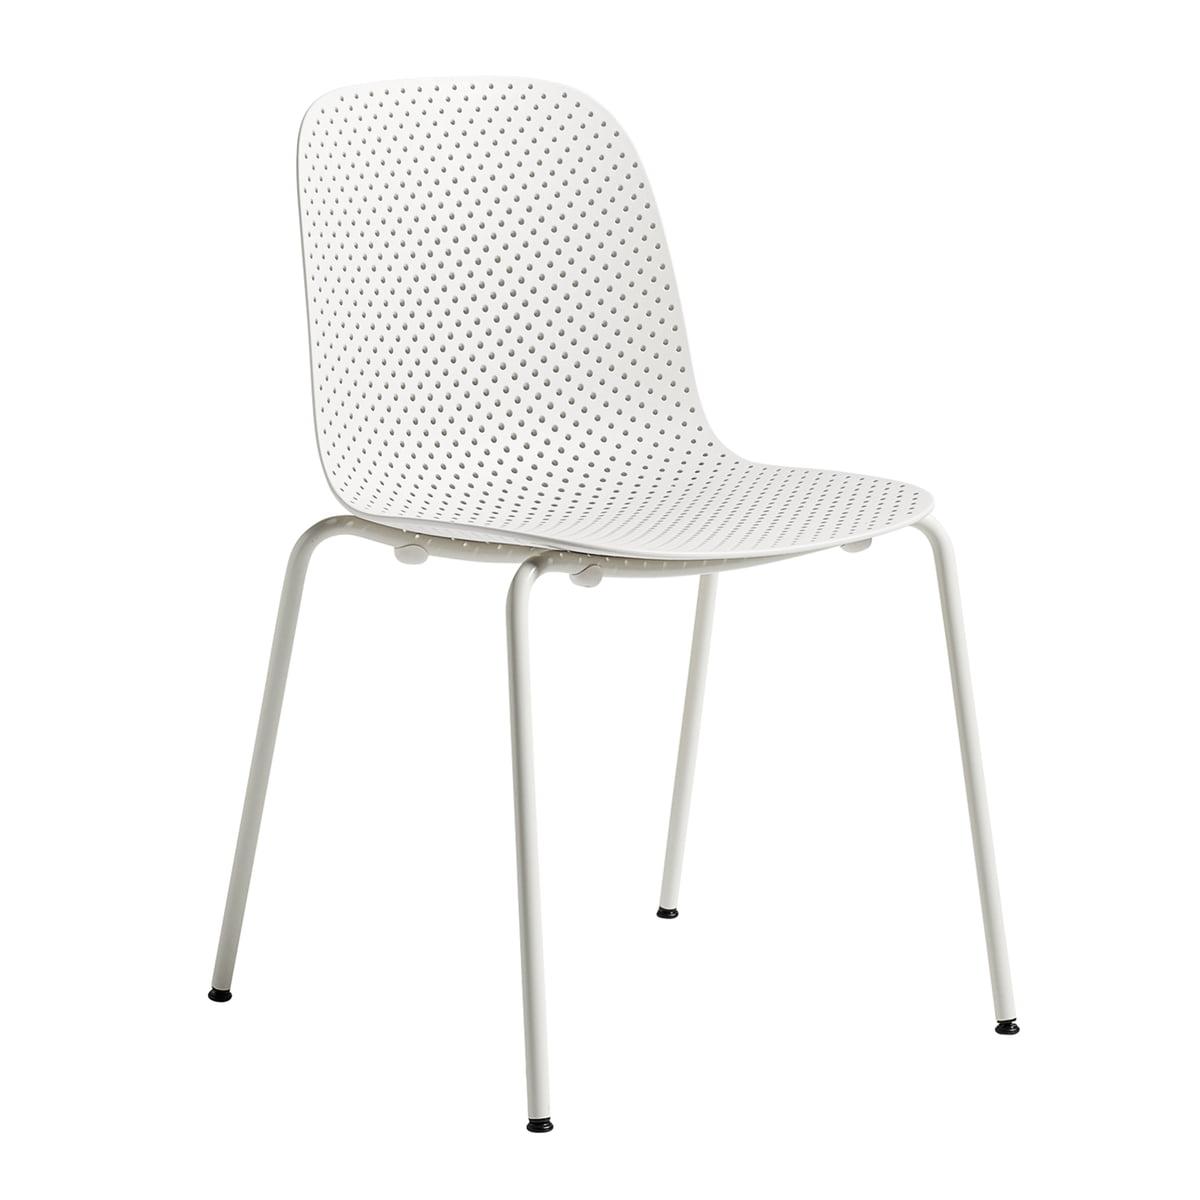 13eighty stuhl von hay connox. Black Bedroom Furniture Sets. Home Design Ideas